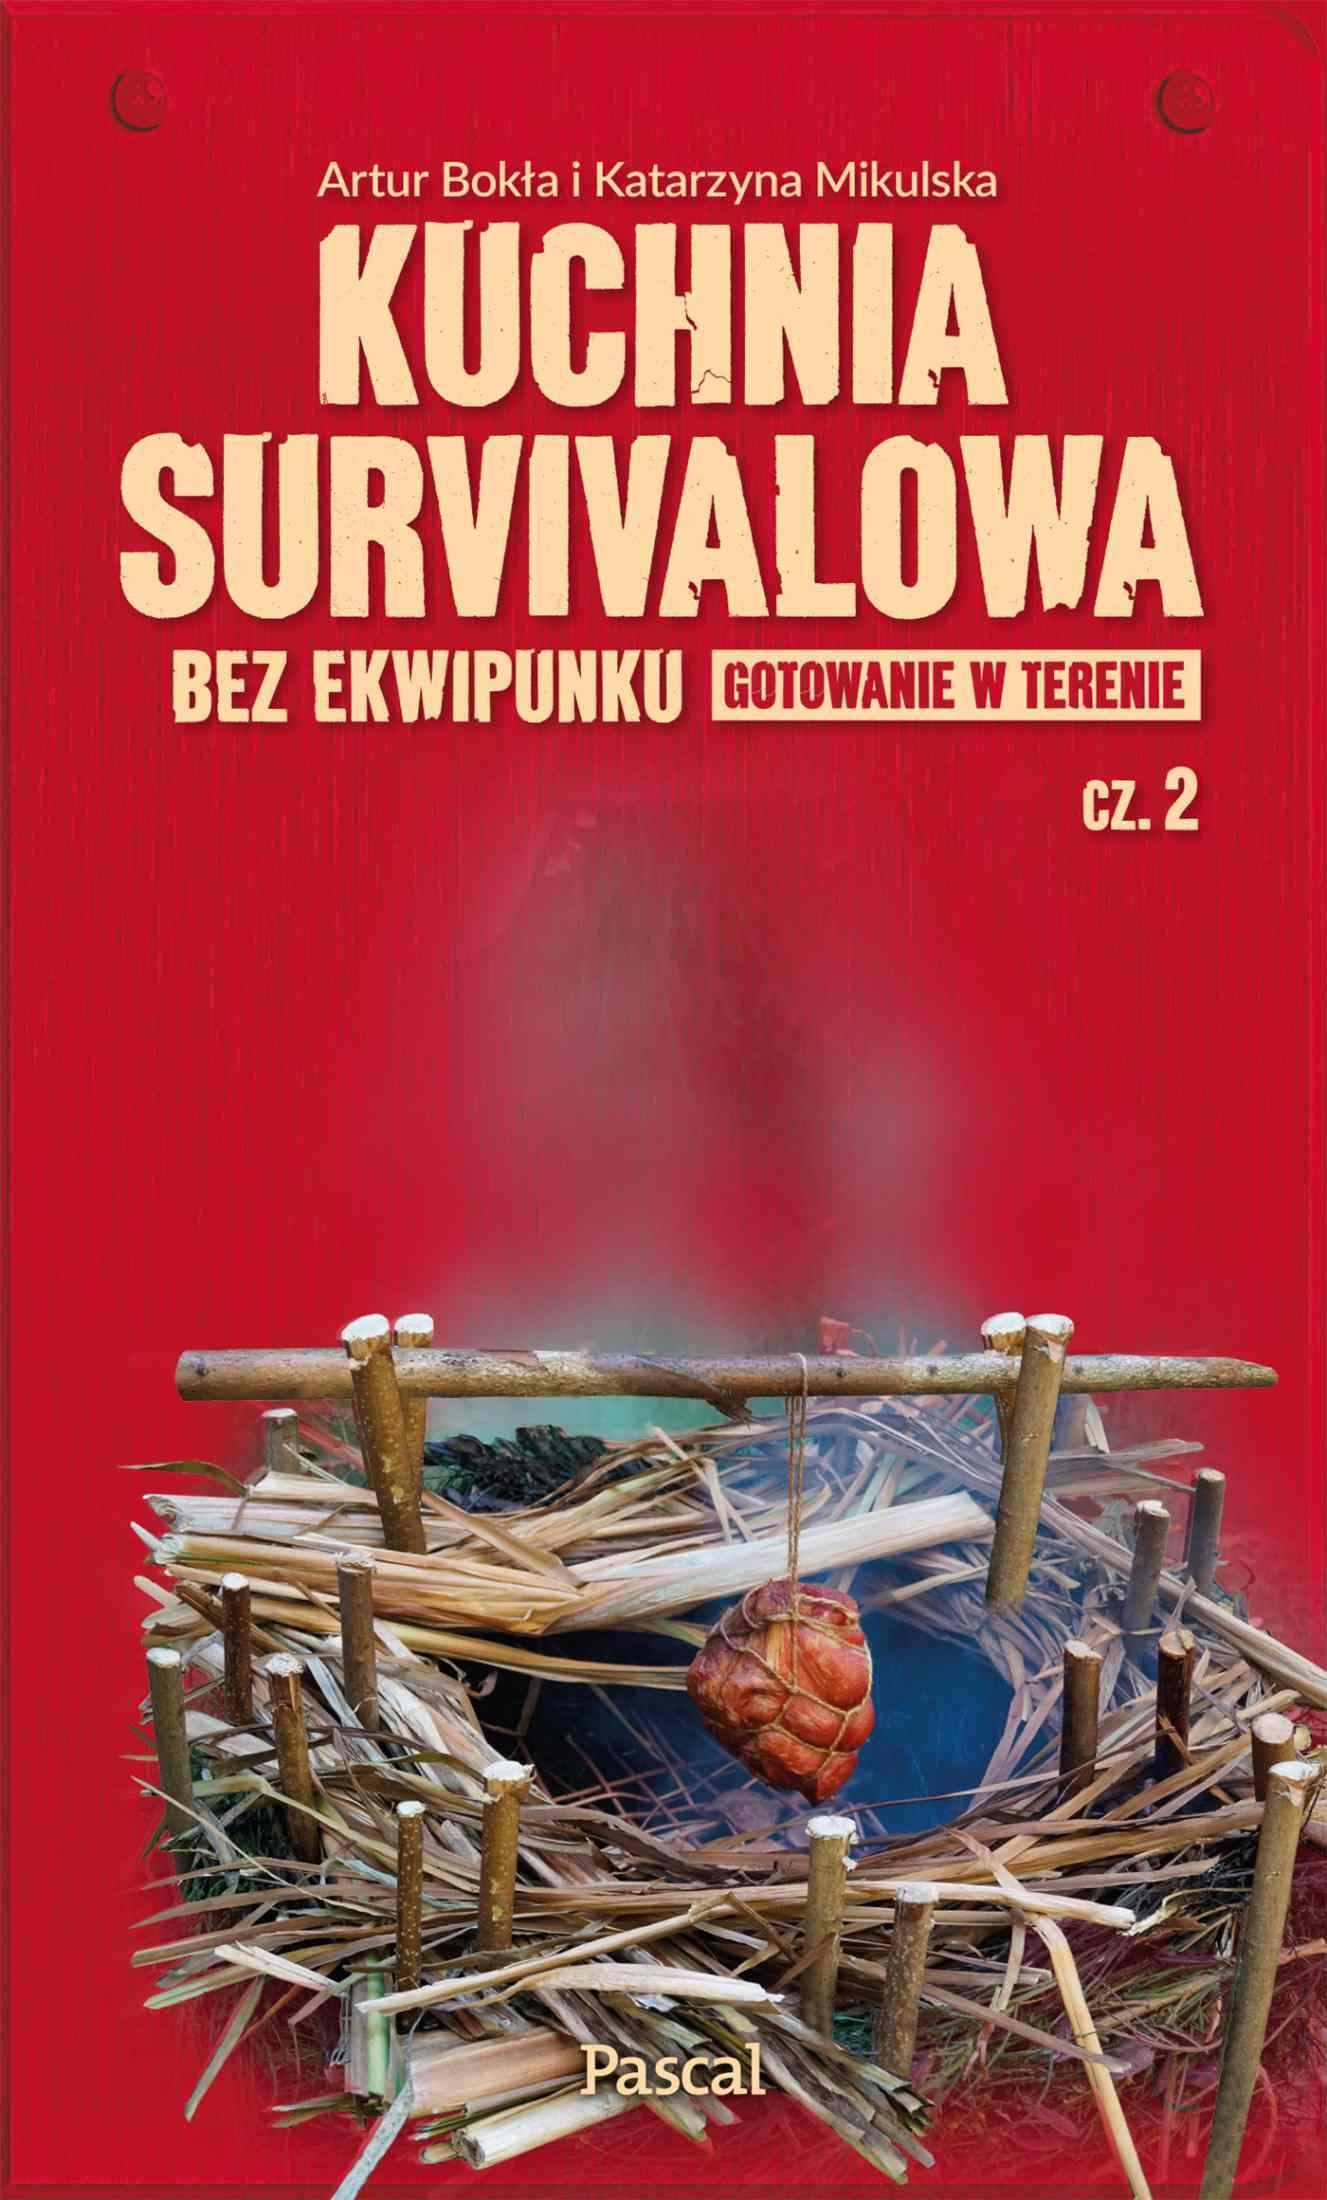 Kuchnia survivalowa bez ekwipunku Gotowanie w terenie Część 2 - Ebook (Książka EPUB) do pobrania w formacie EPUB